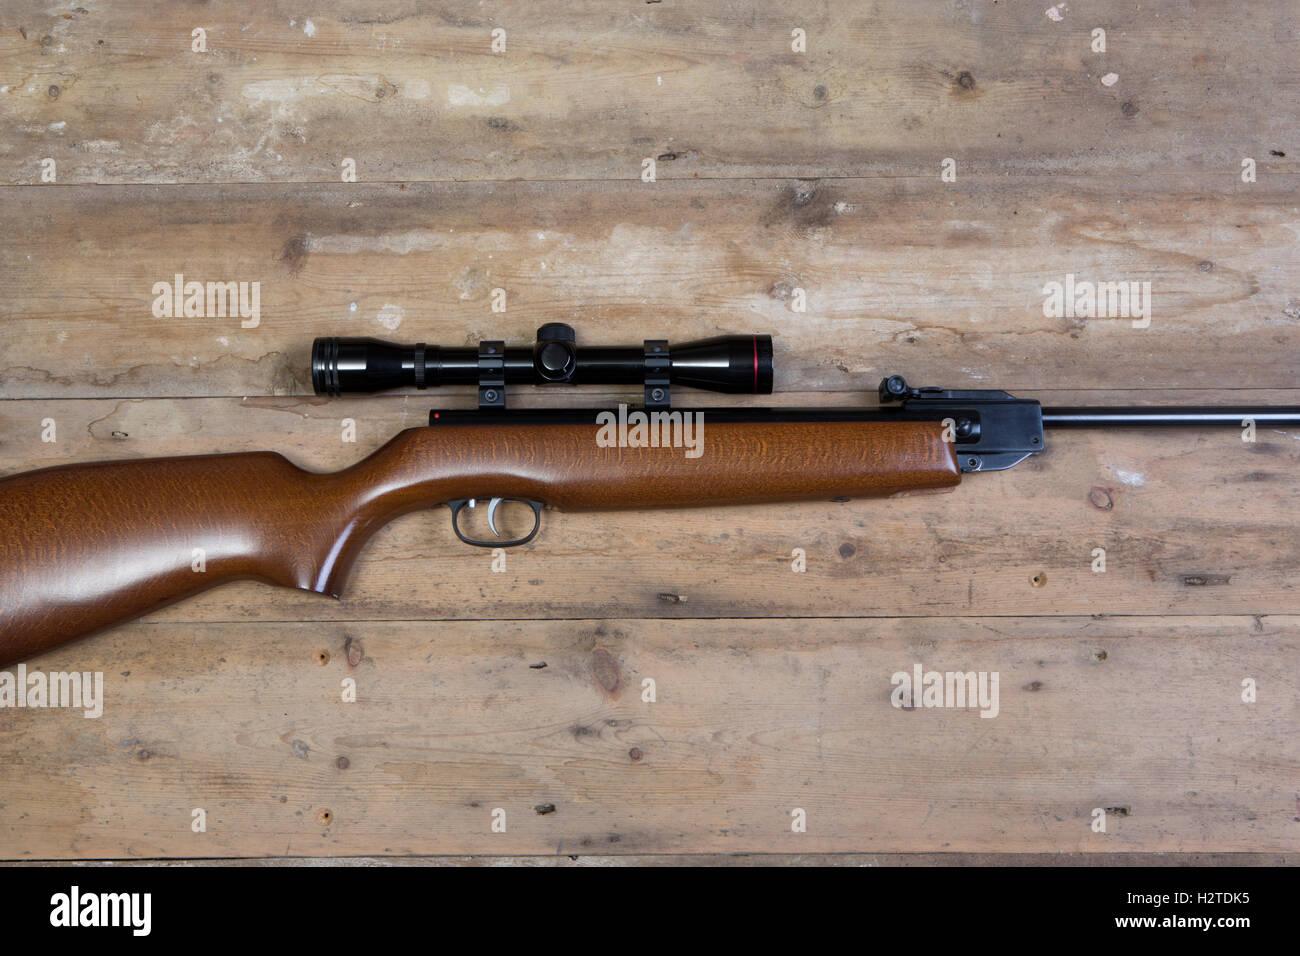 Luftgewehr mit einem zielfernrohr stockfoto bild: 122239465 alamy